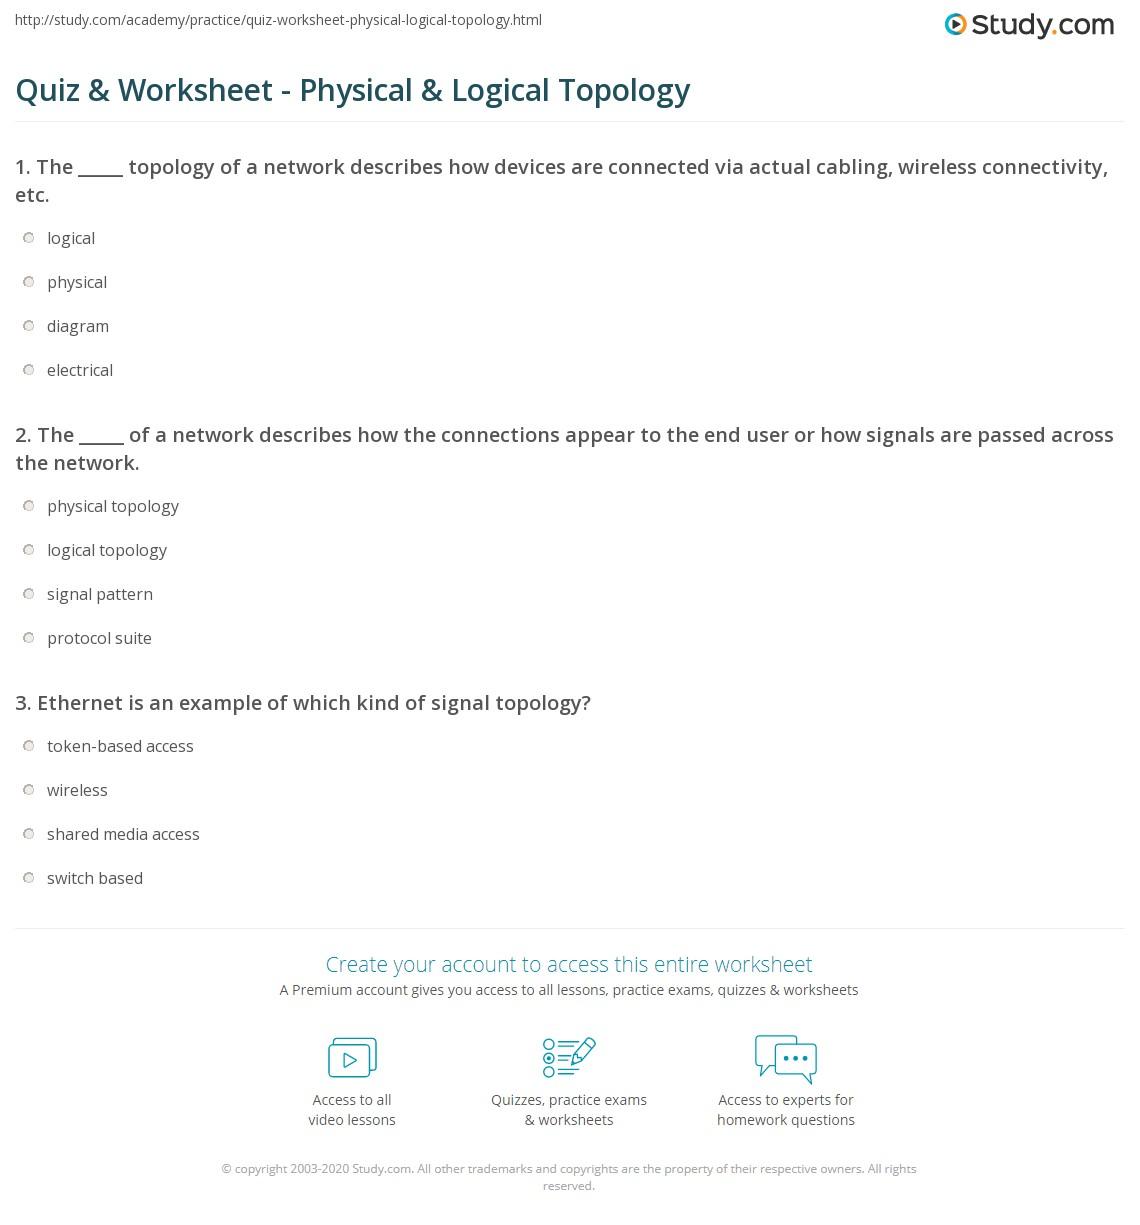 quiz worksheet physical logical topology. Black Bedroom Furniture Sets. Home Design Ideas